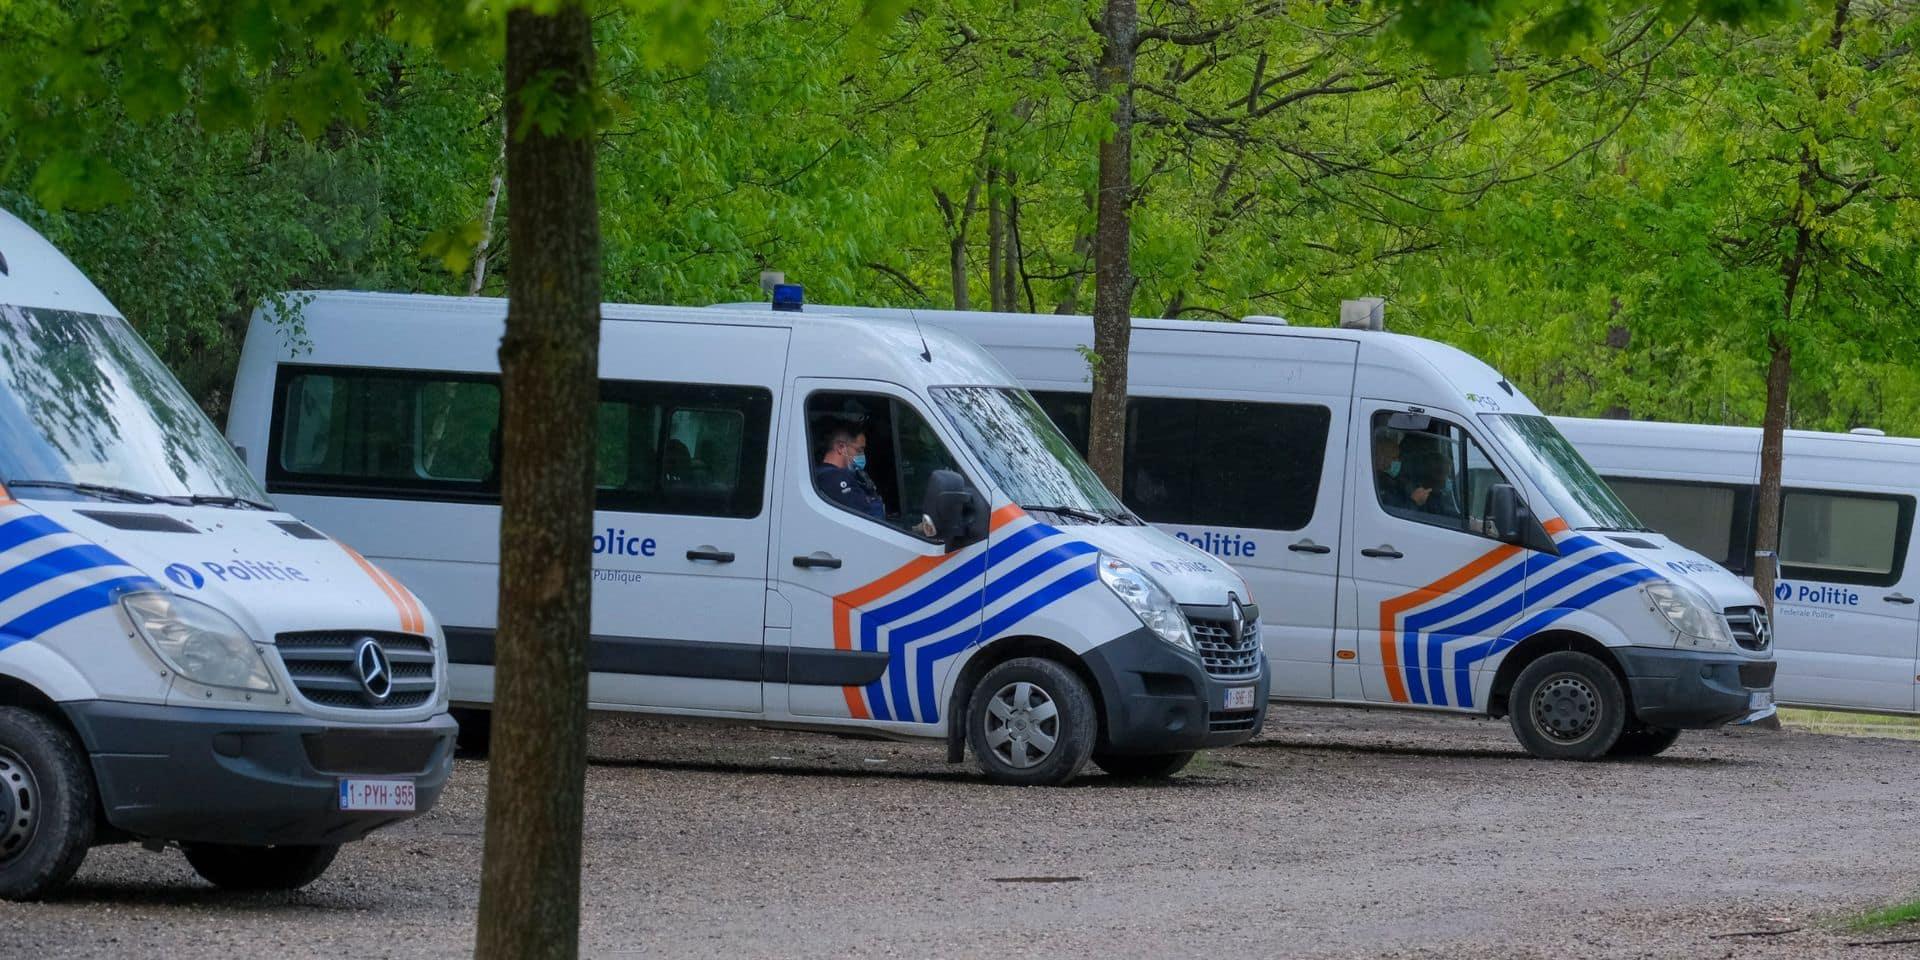 Chasse à l'homme: Jürgen Conings toujours introuvable, l'armée et la police reprennent leur poste en nombre